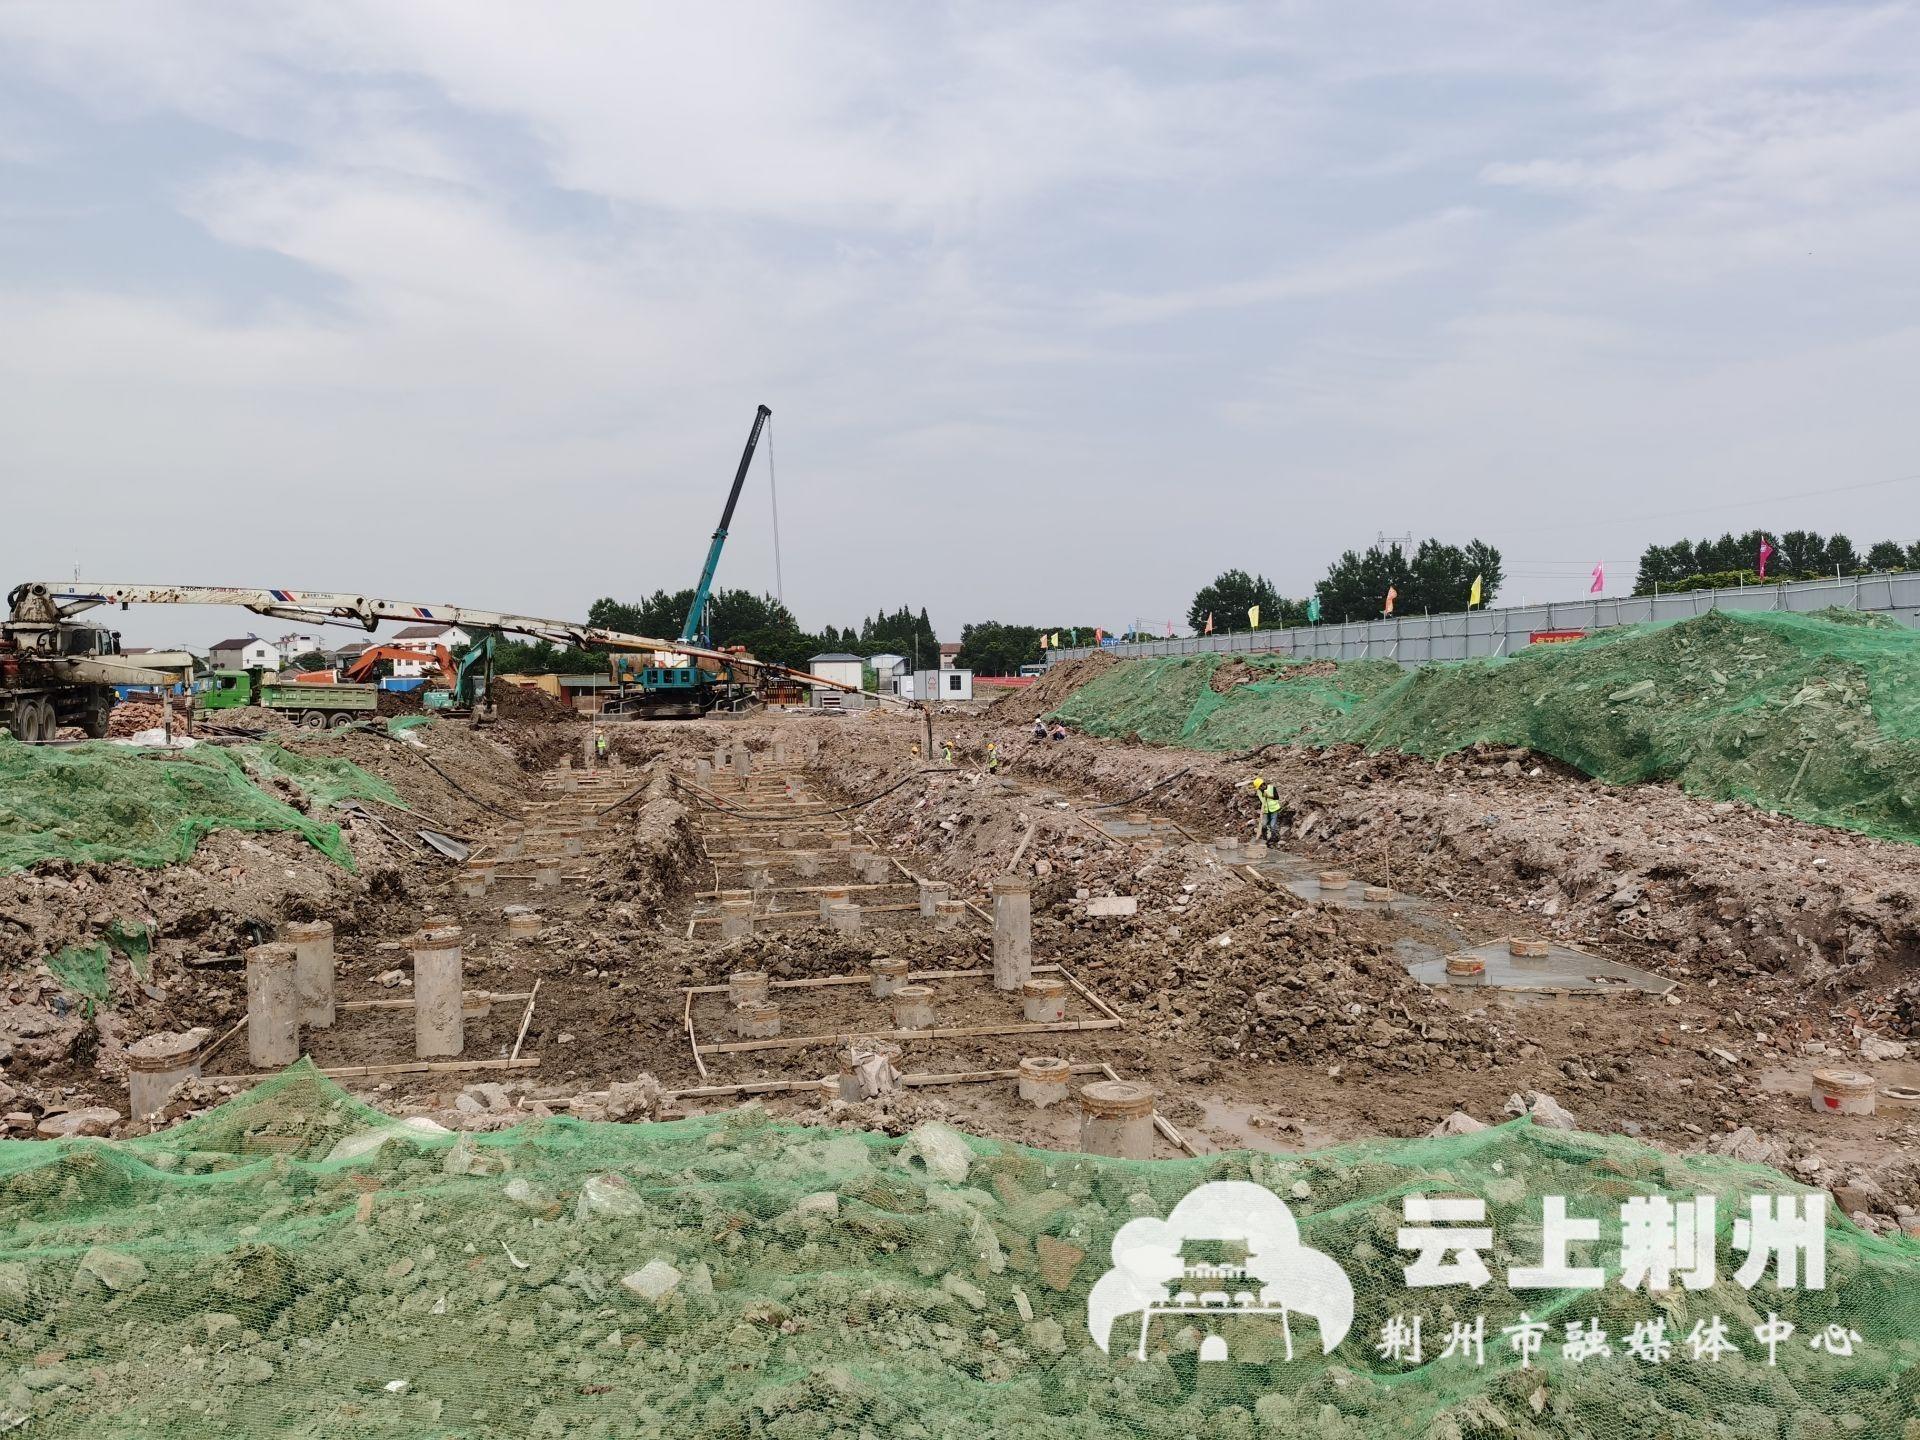 荆州市疾病预防控制检验中心预计七月进行主体施工